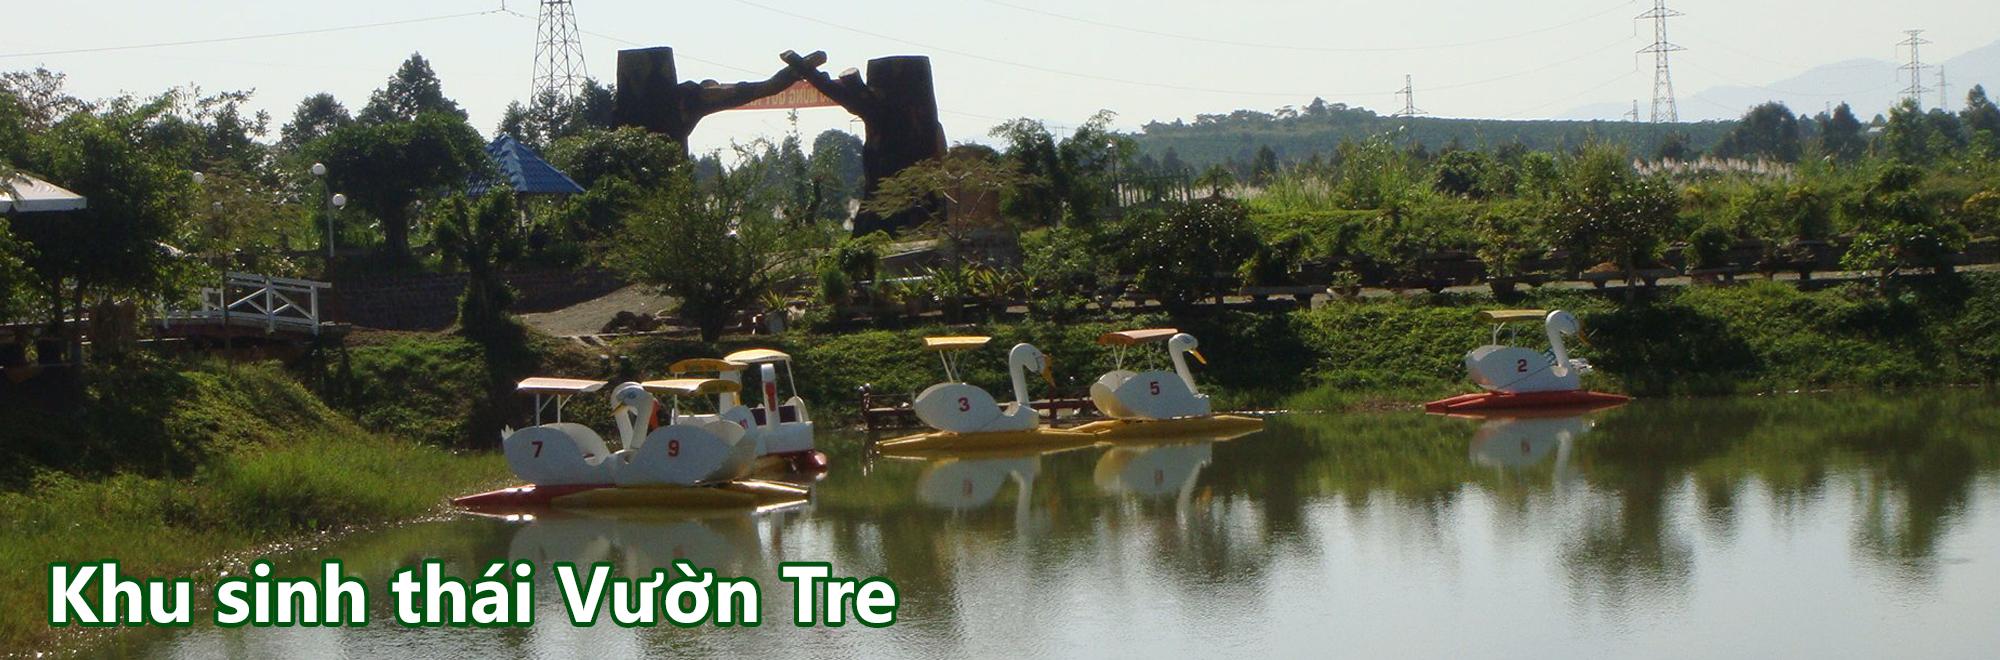 Khu sinh thái Vườn Tre